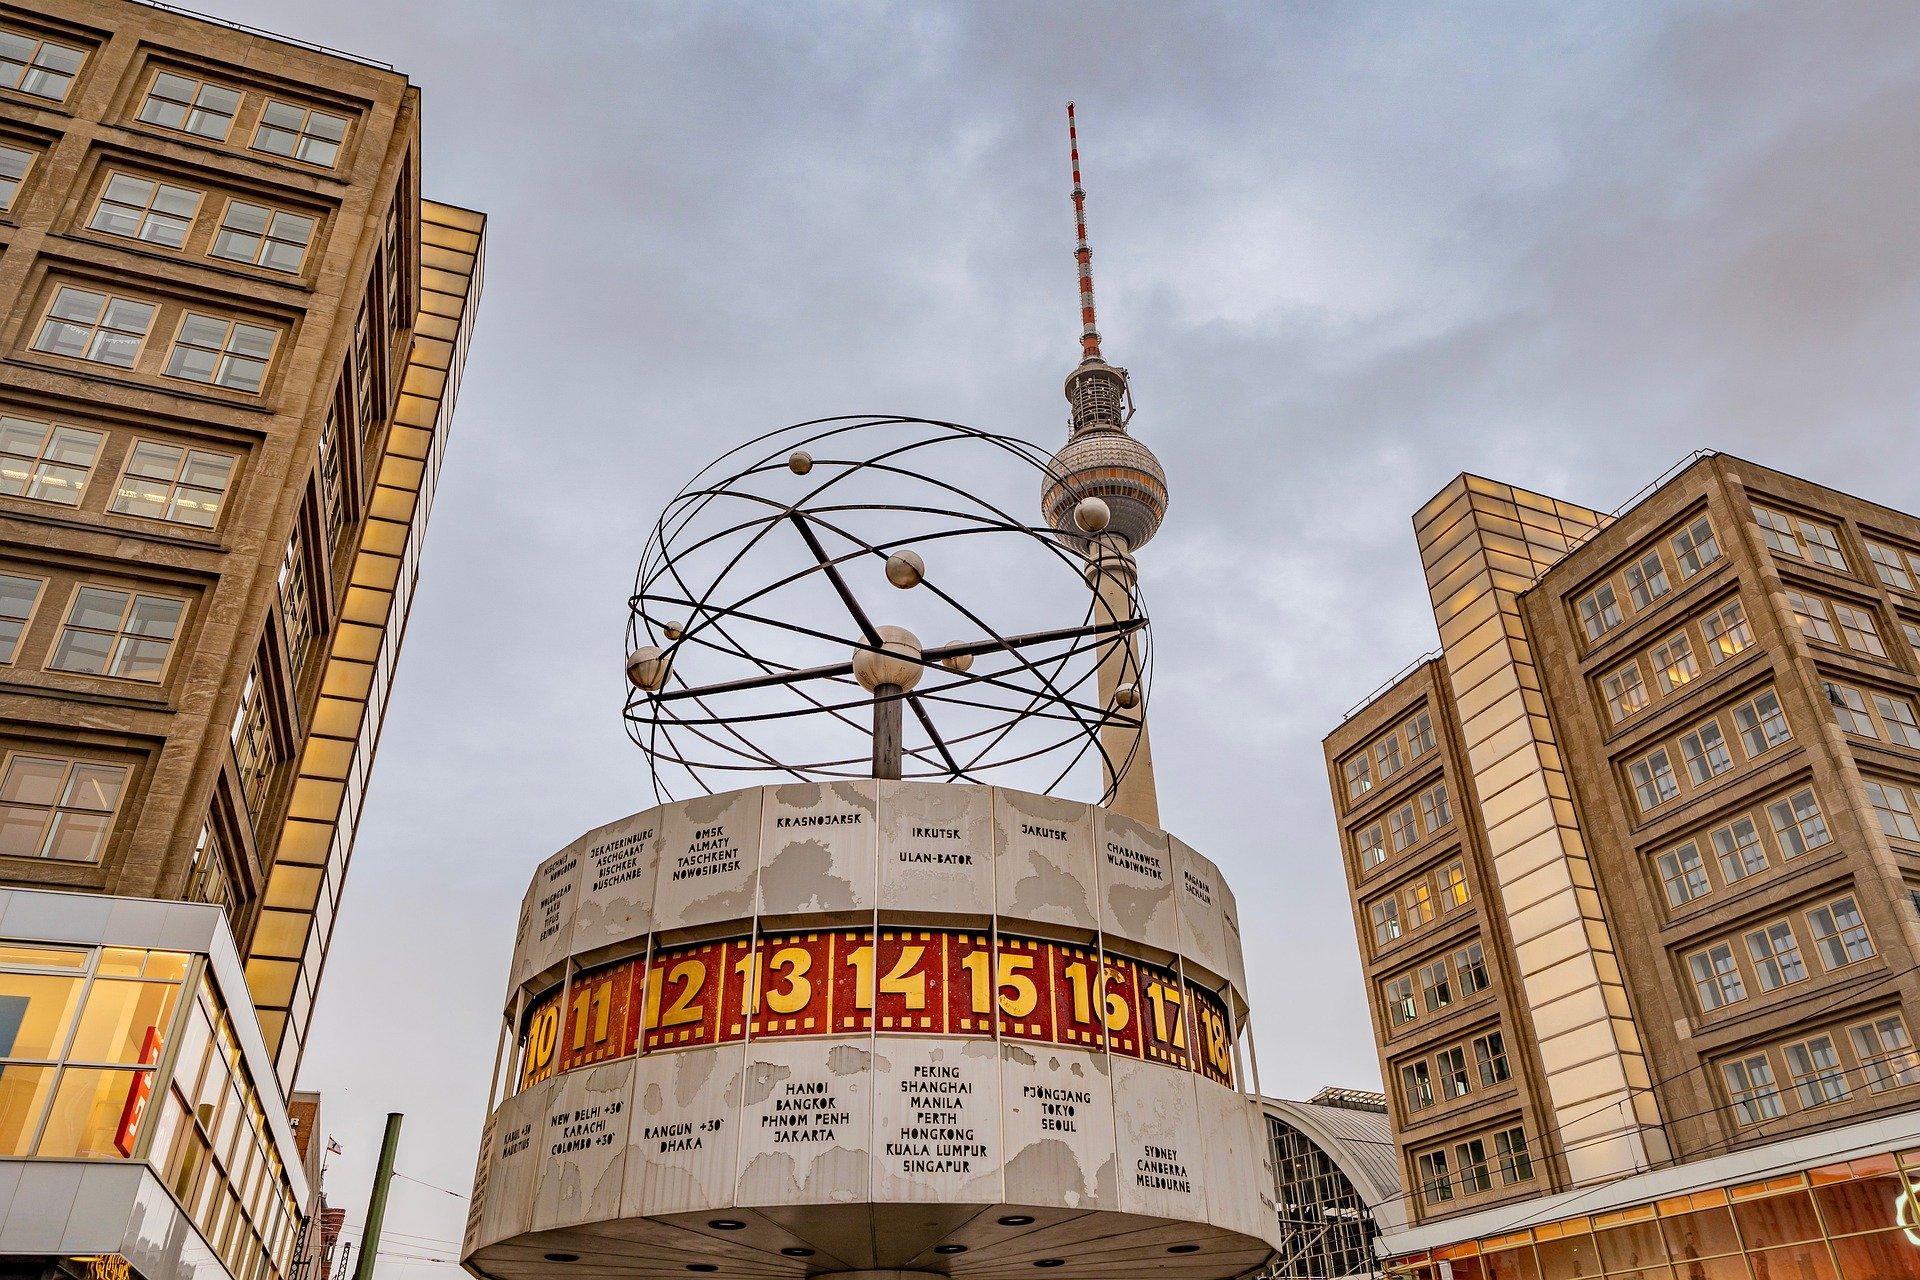 Weltuhr Auf Dem Alexanderplatz In Berlin